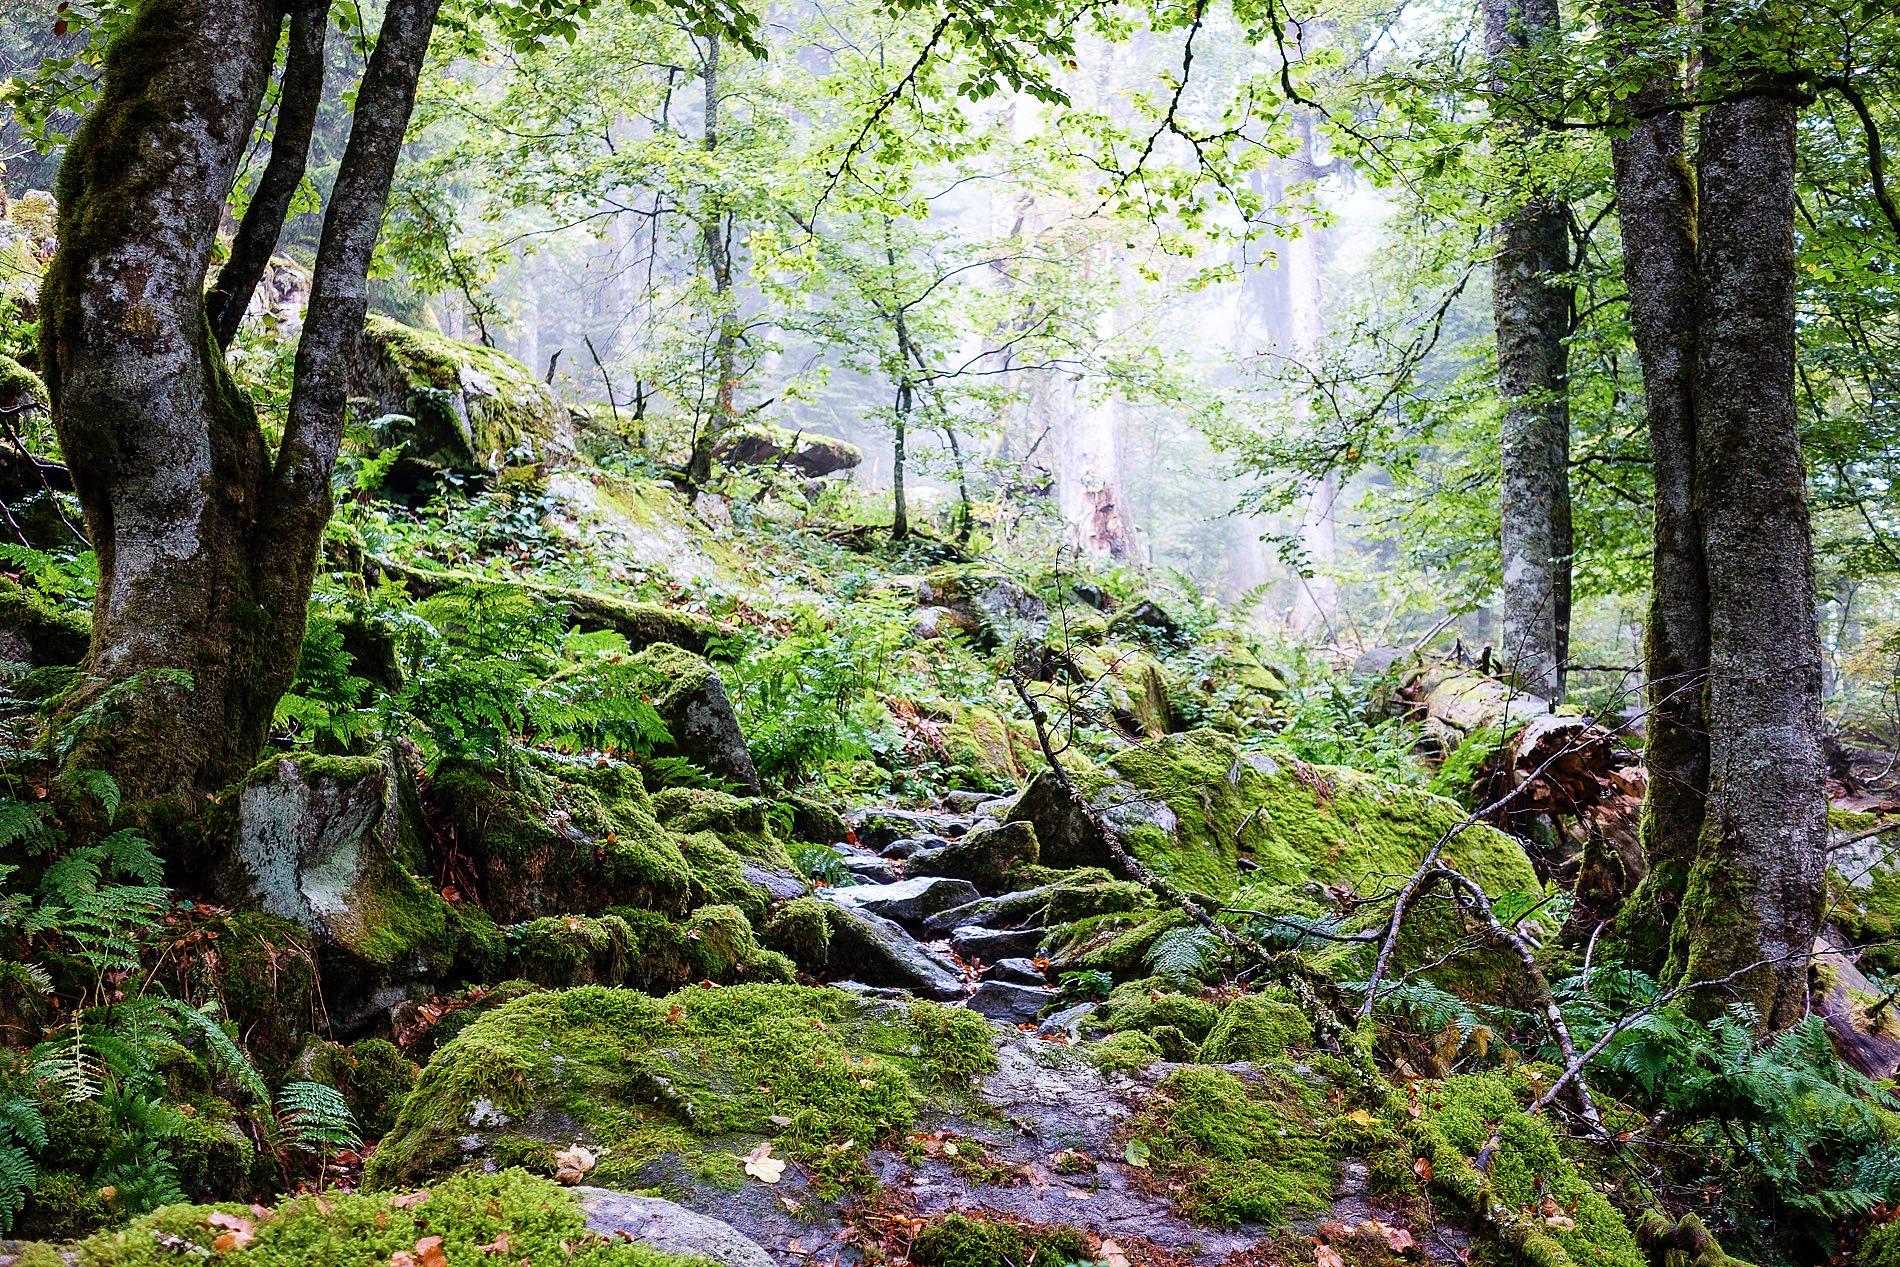 Klettersteig Vogesen : Rundwanderung col de la schlucht hirschensteine wandern vogesen